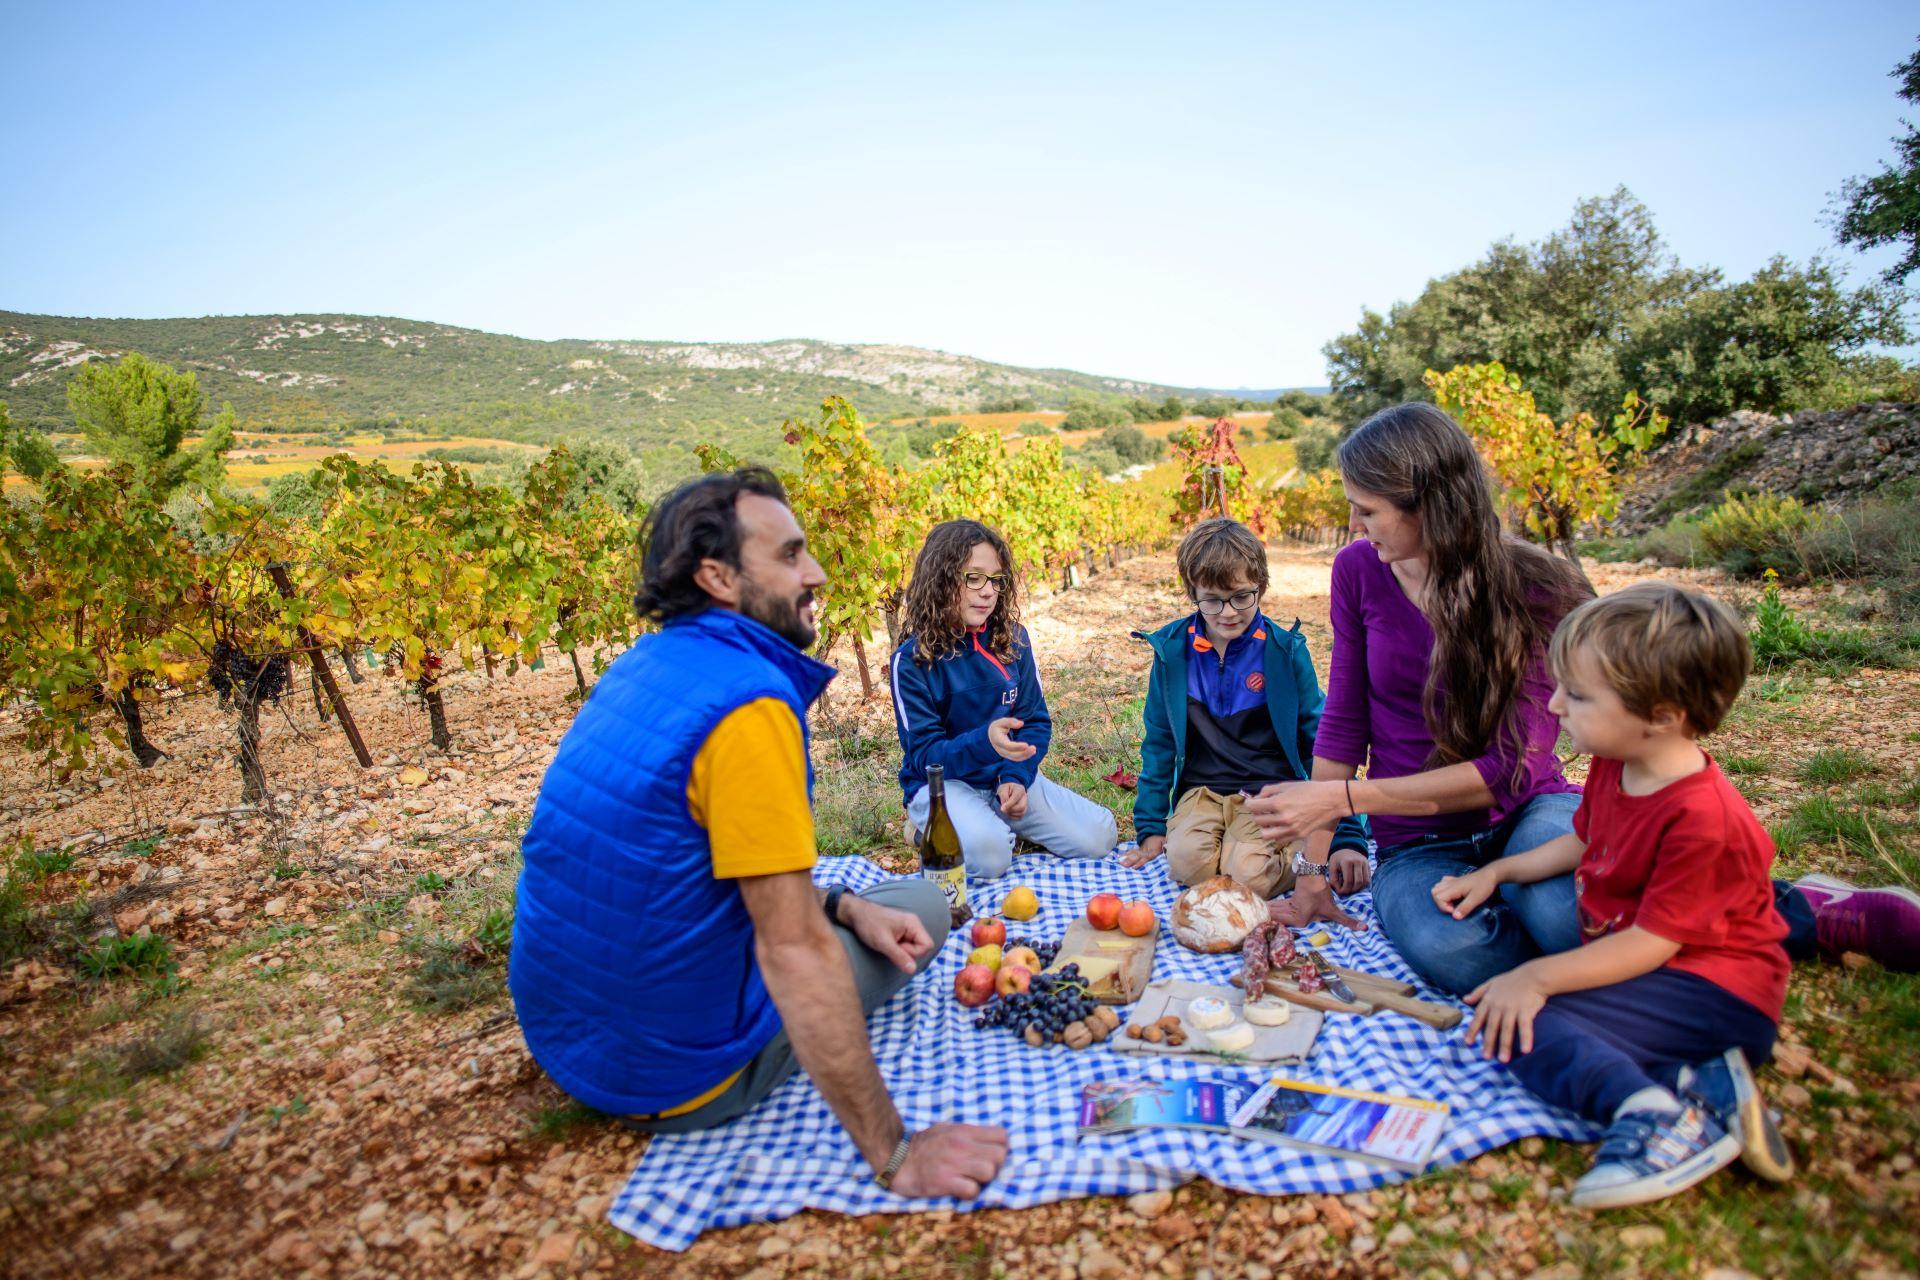 Famille qui pique-nique dans les vignobles de Montpeyroux